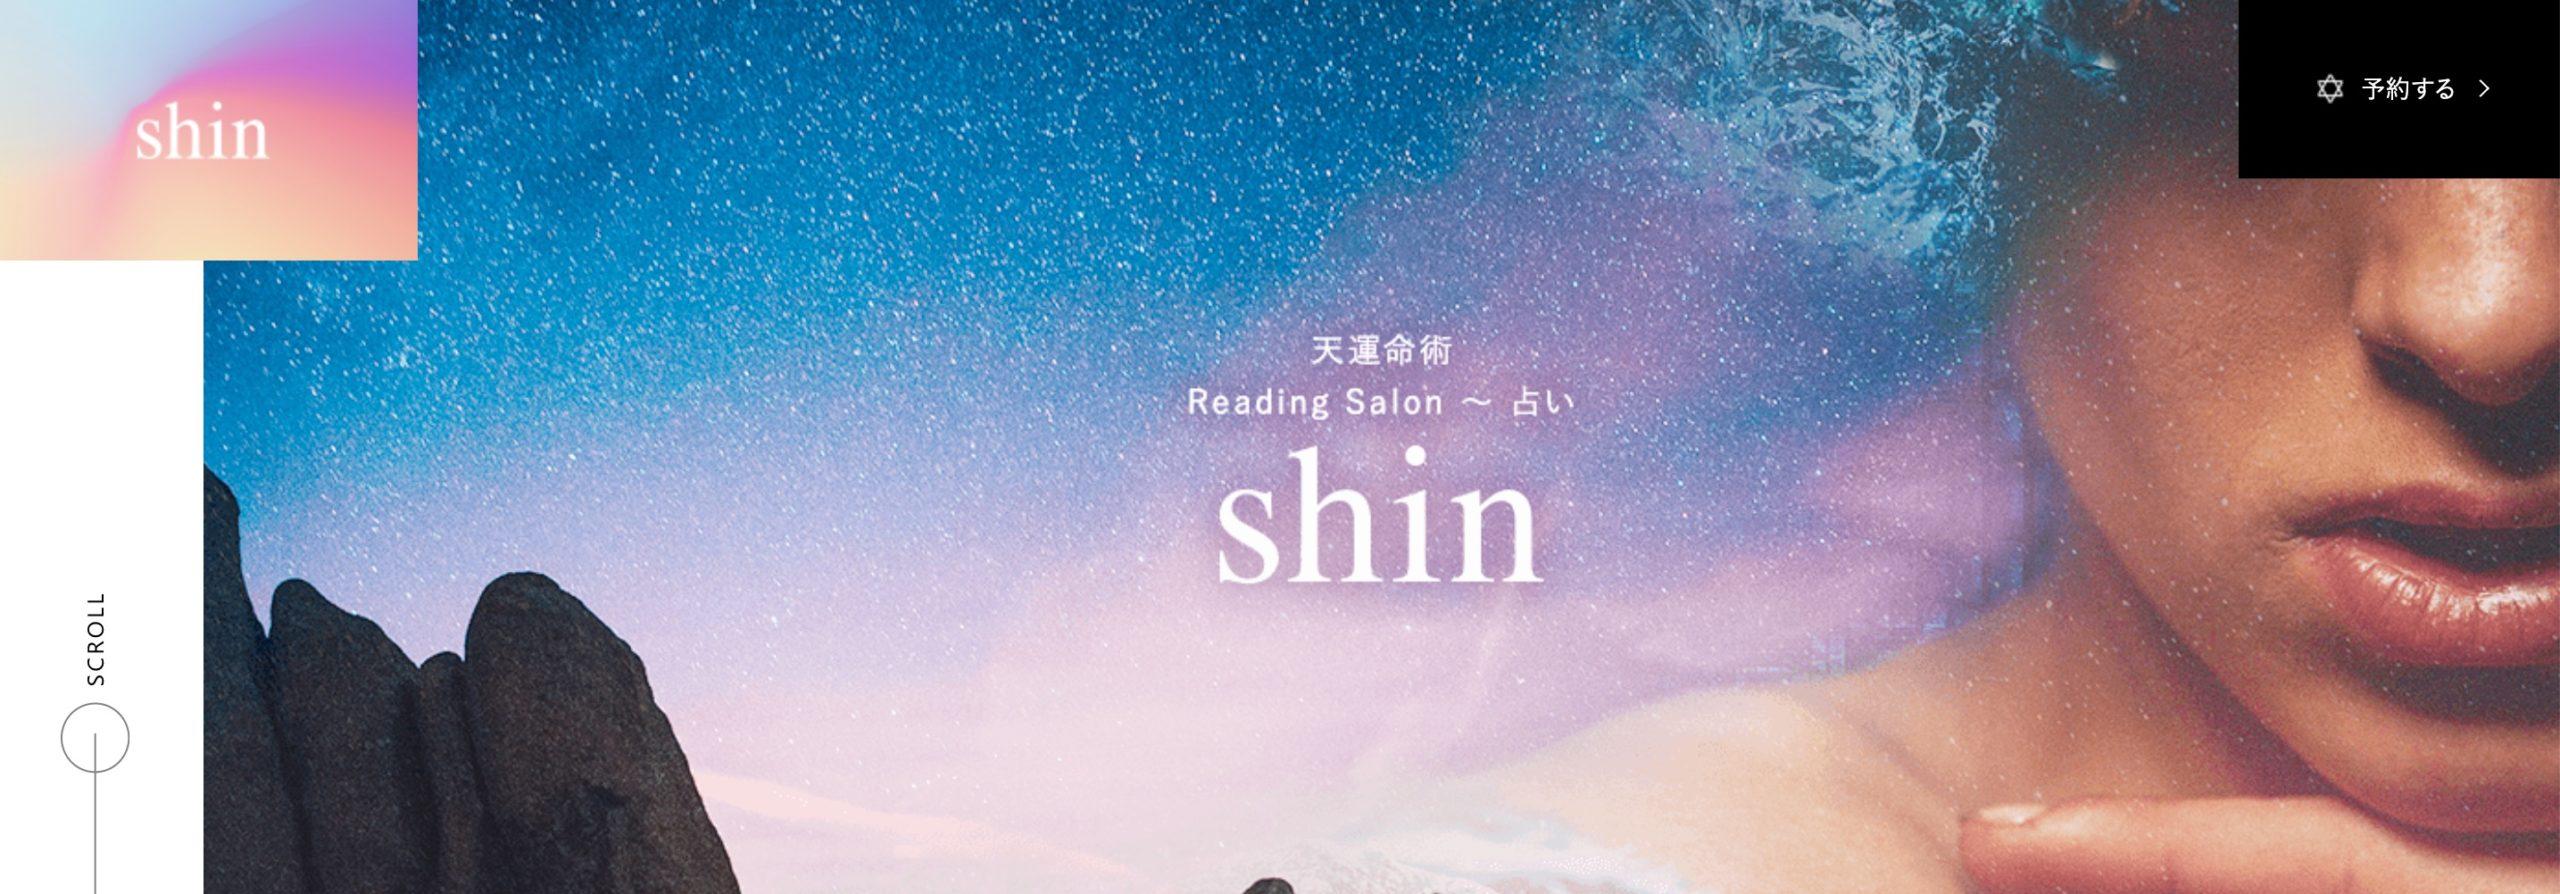 広尾占い ReadingSalan~占い shin